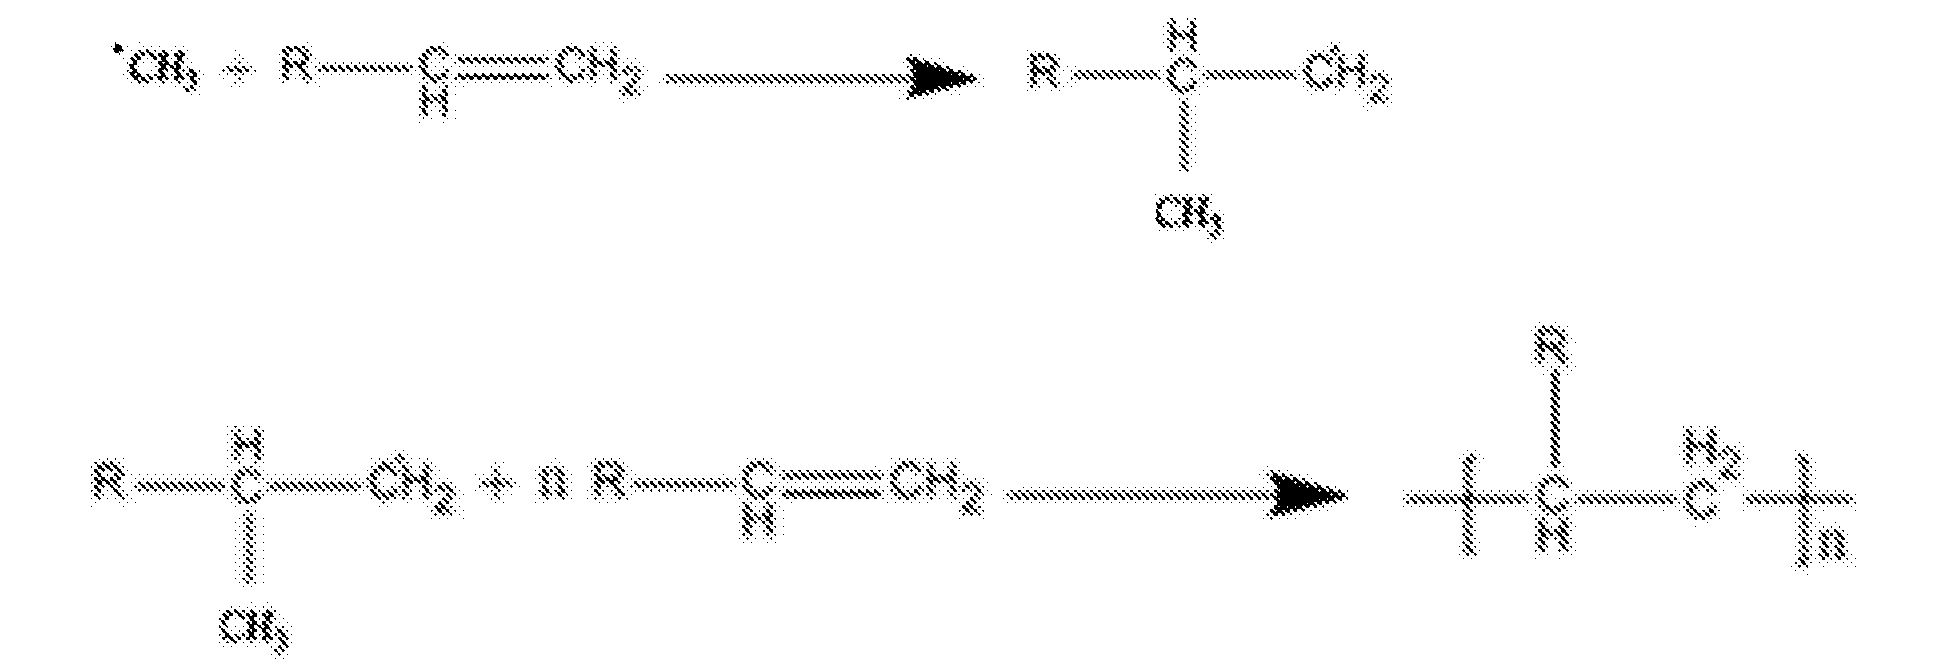 Figure CN104238198BD00091